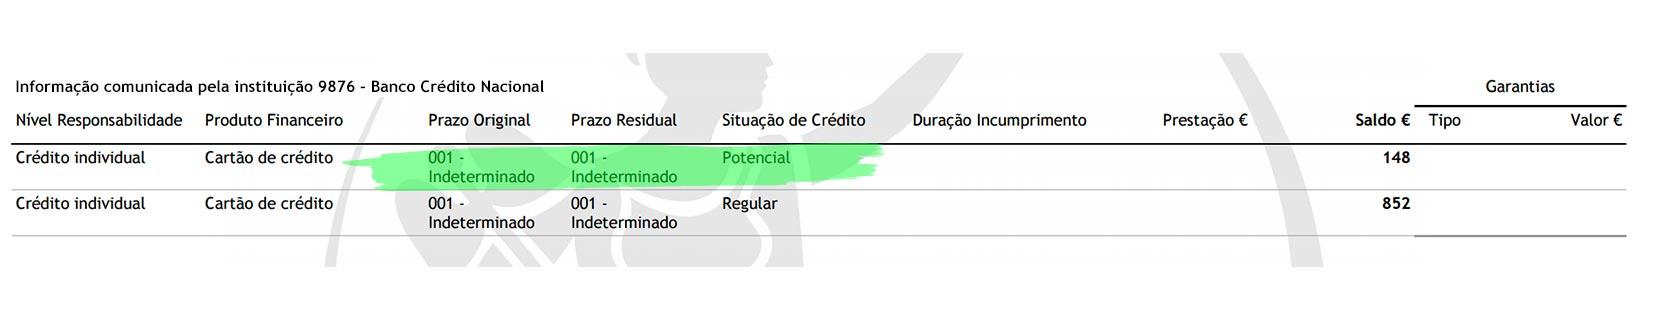 potencial_regular